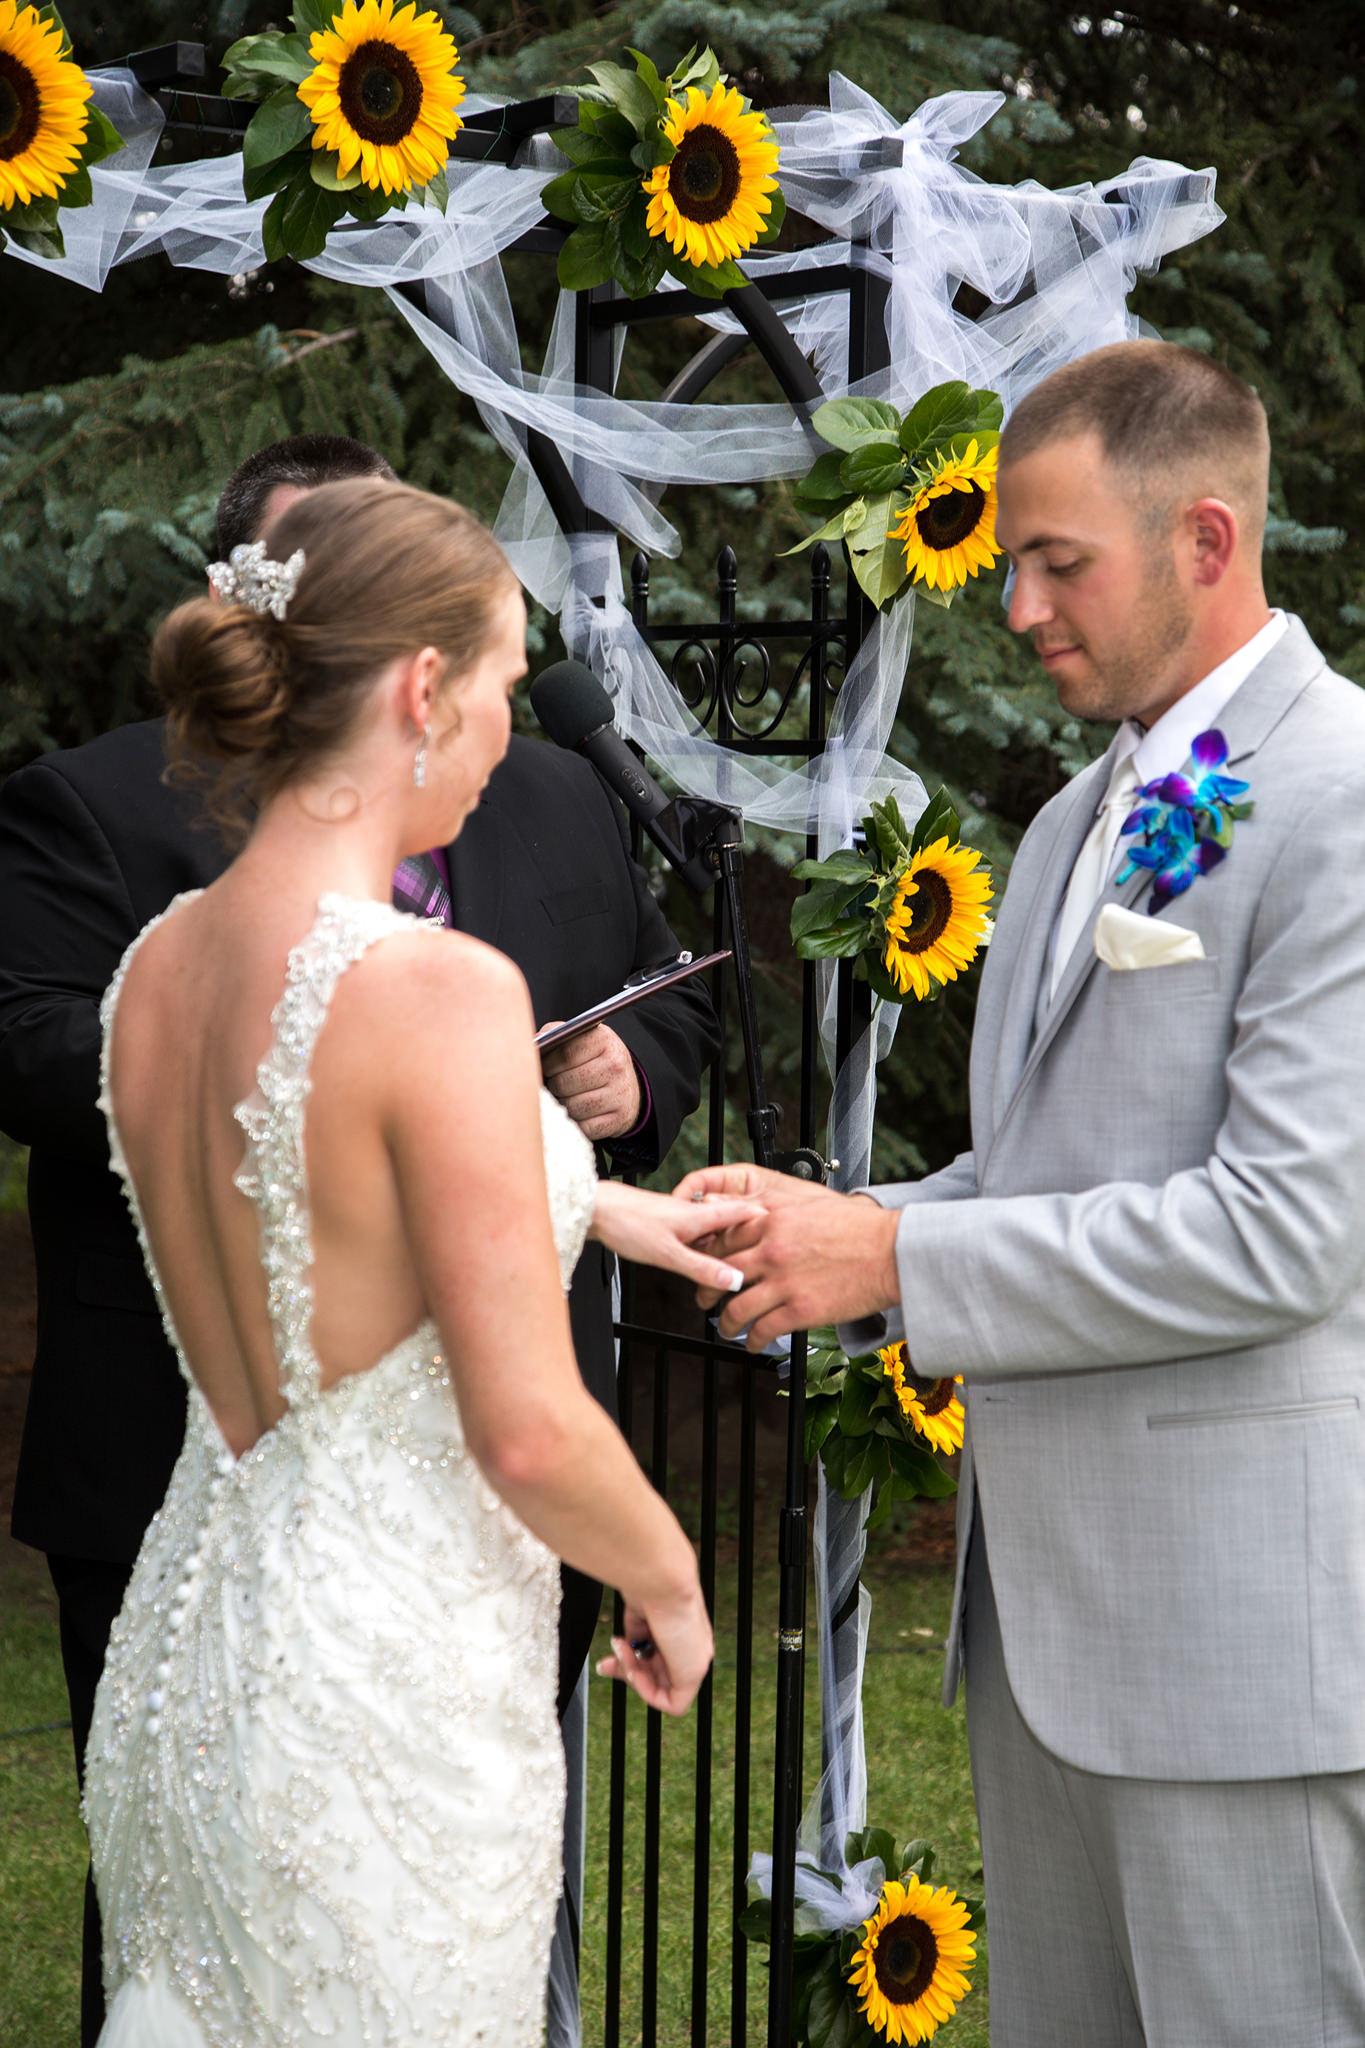 marchese_wedding_459 copy